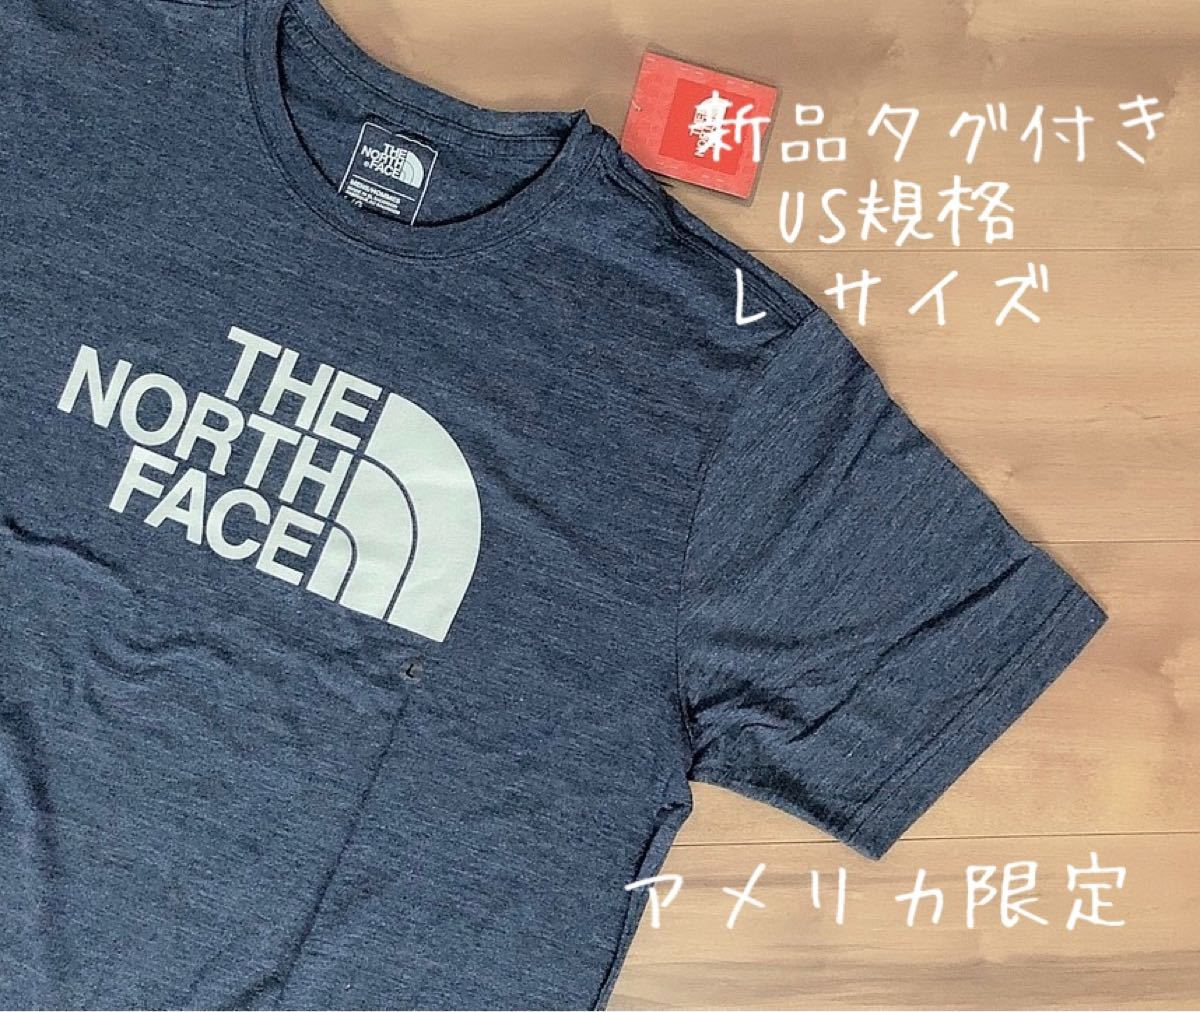 THE NORTH FACE ザ ノースフェイス Tシャツ アメリカ限定